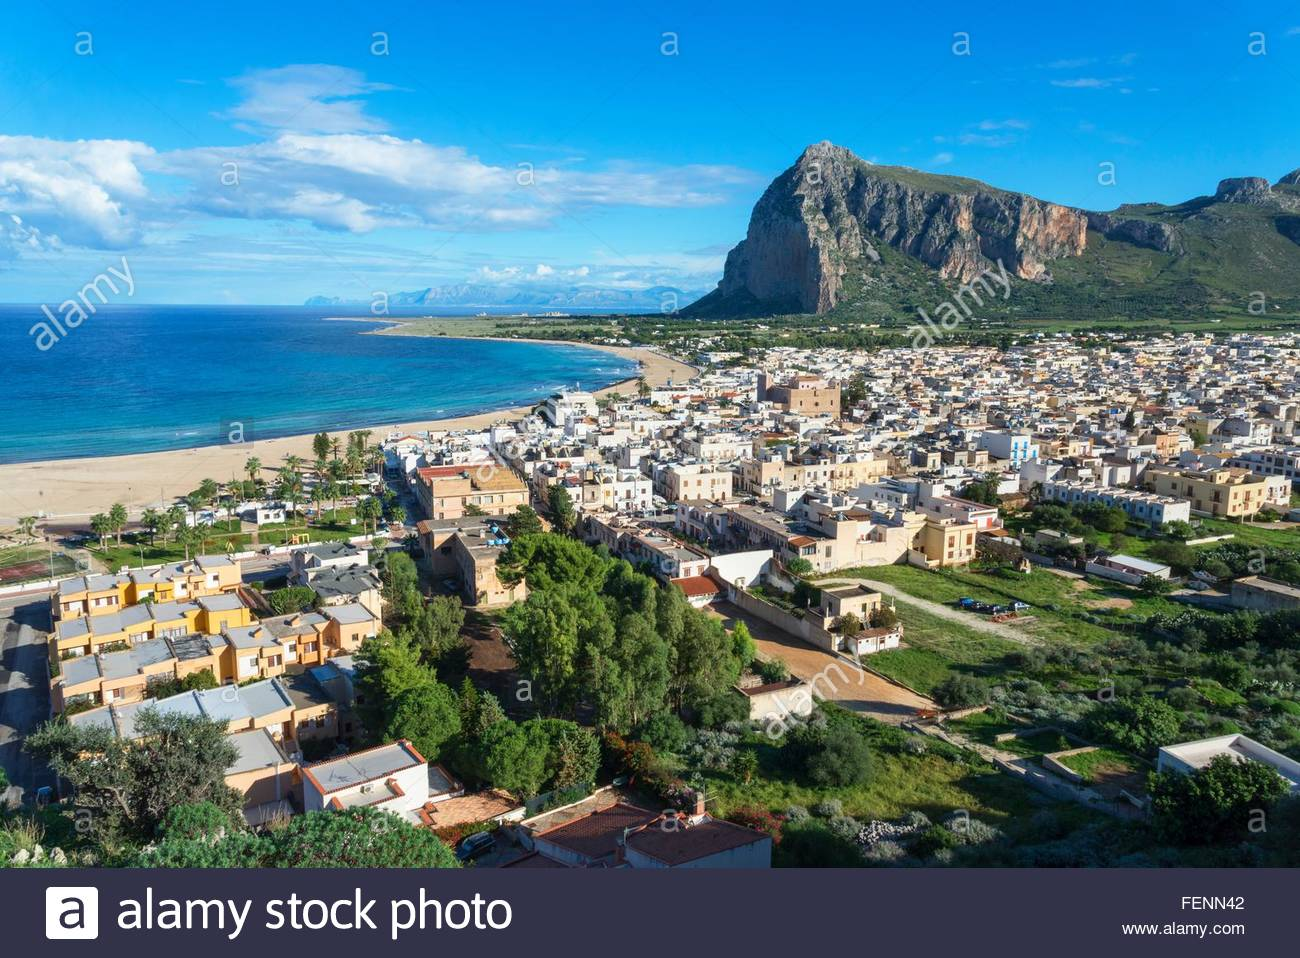 Un alto ángulo de vista de San Vito Lo Capo, Sicilia, Italia Imagen De Stock